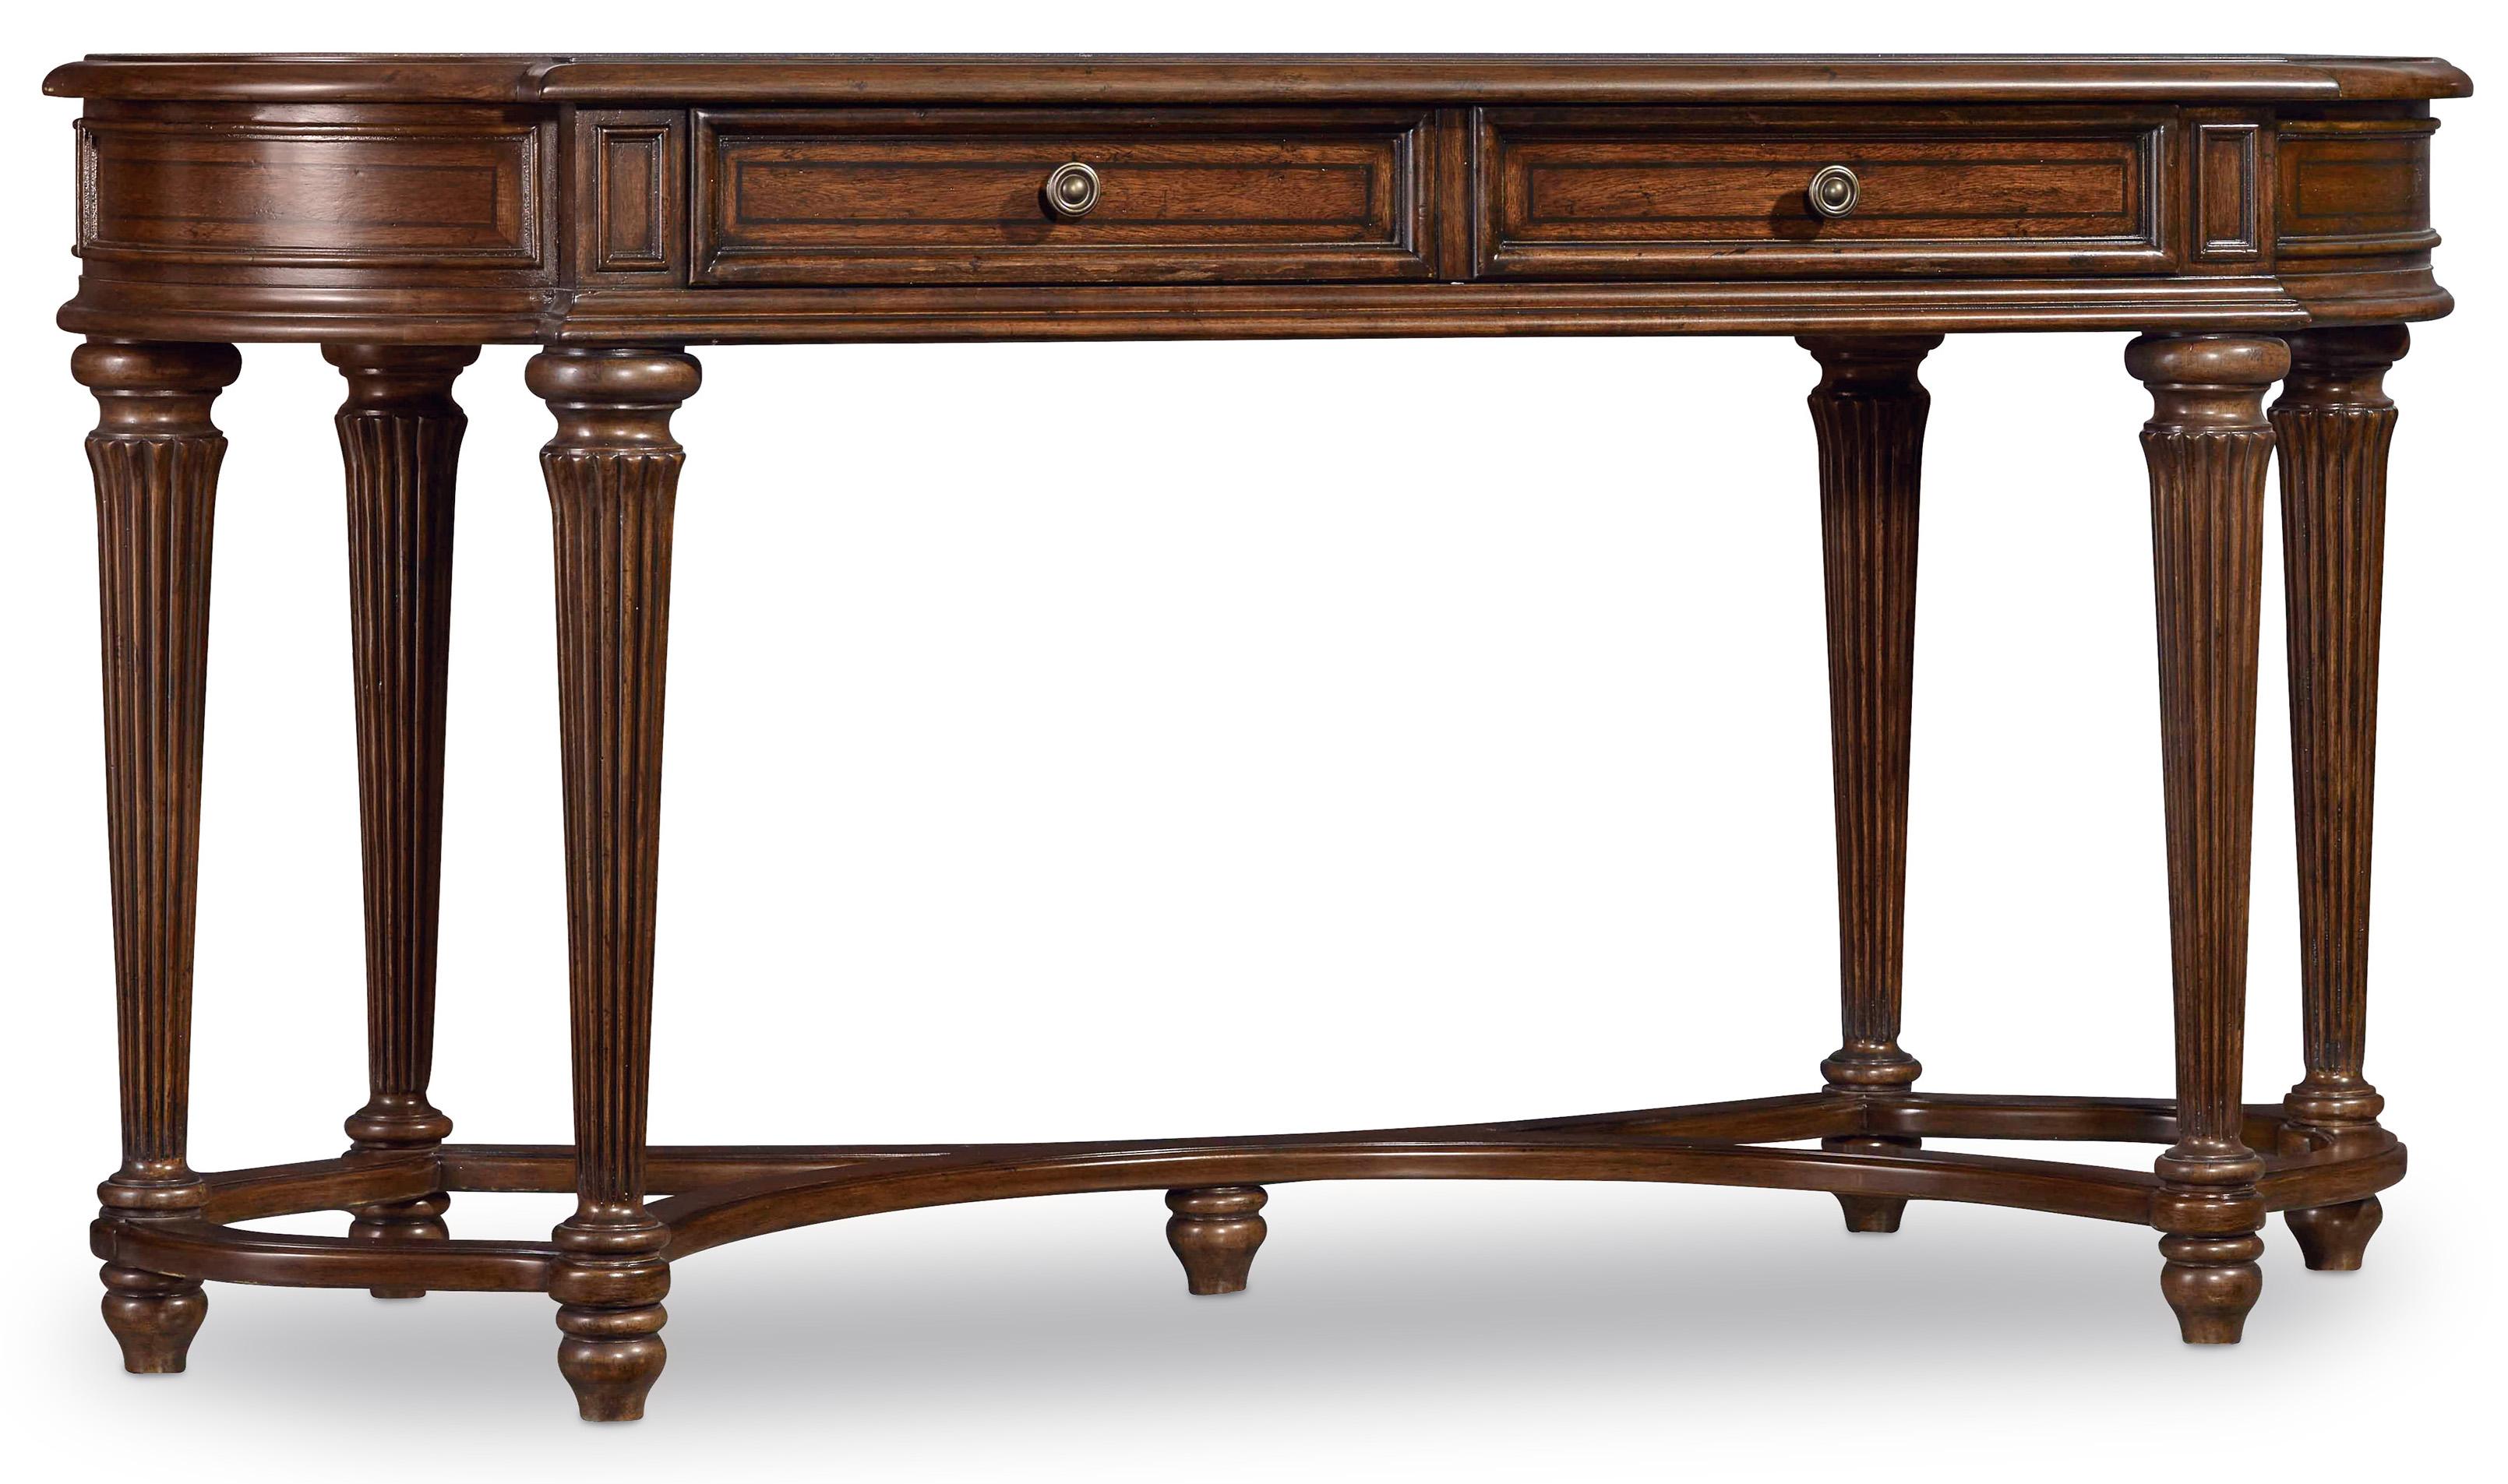 Hooker Furniture Leesburg Writing Desk - Item Number: 5381-10458